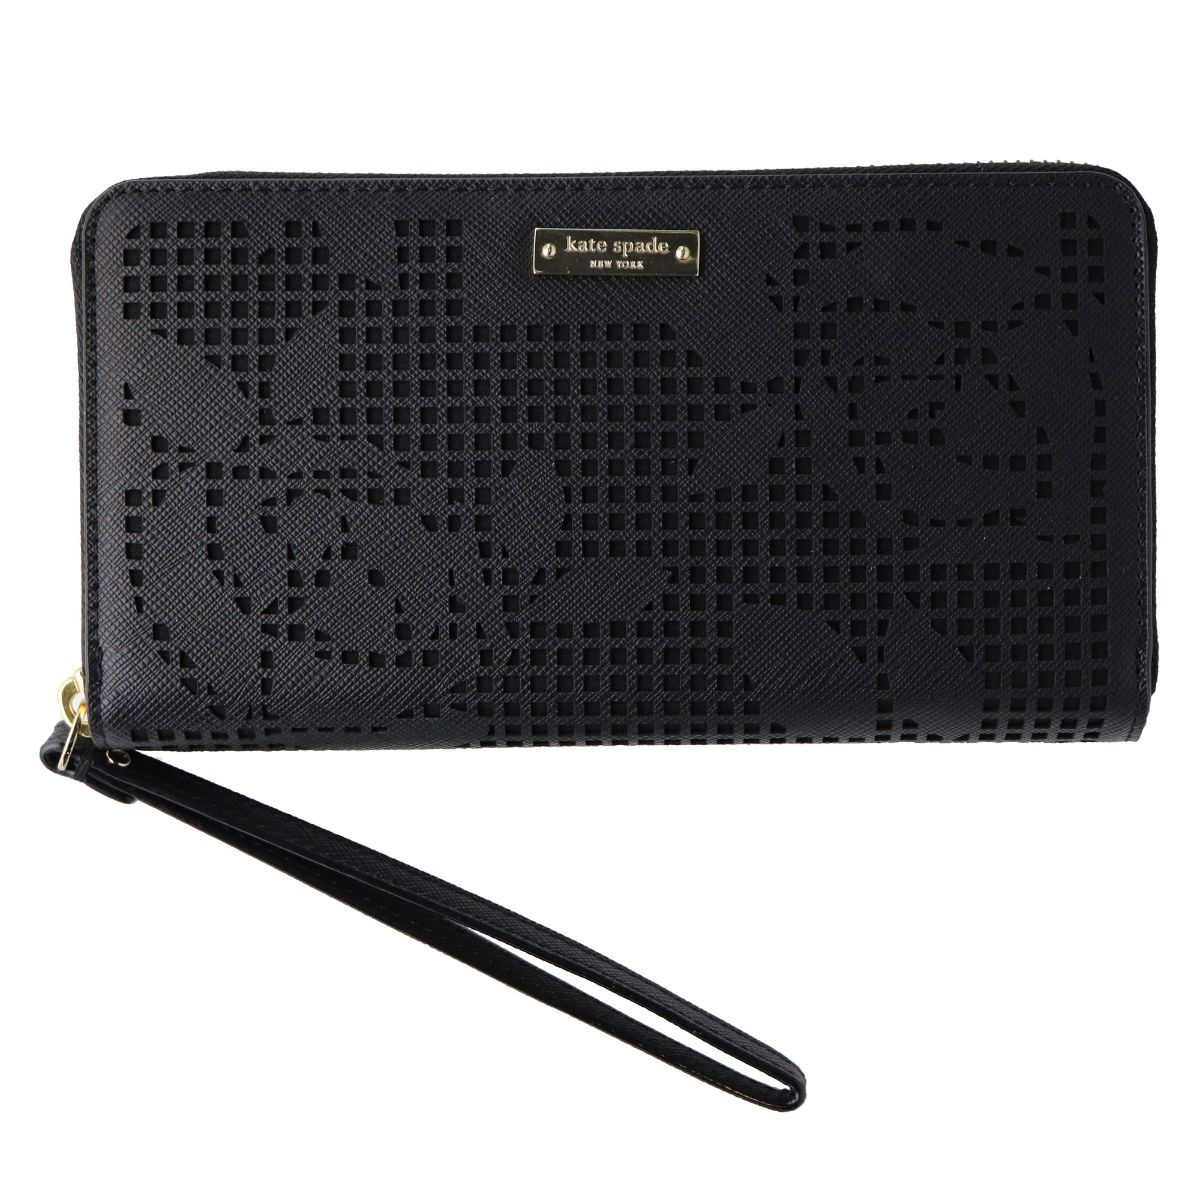 Kate Spade New York Zip Wristlet Wallet - Fits Most Phones - Black